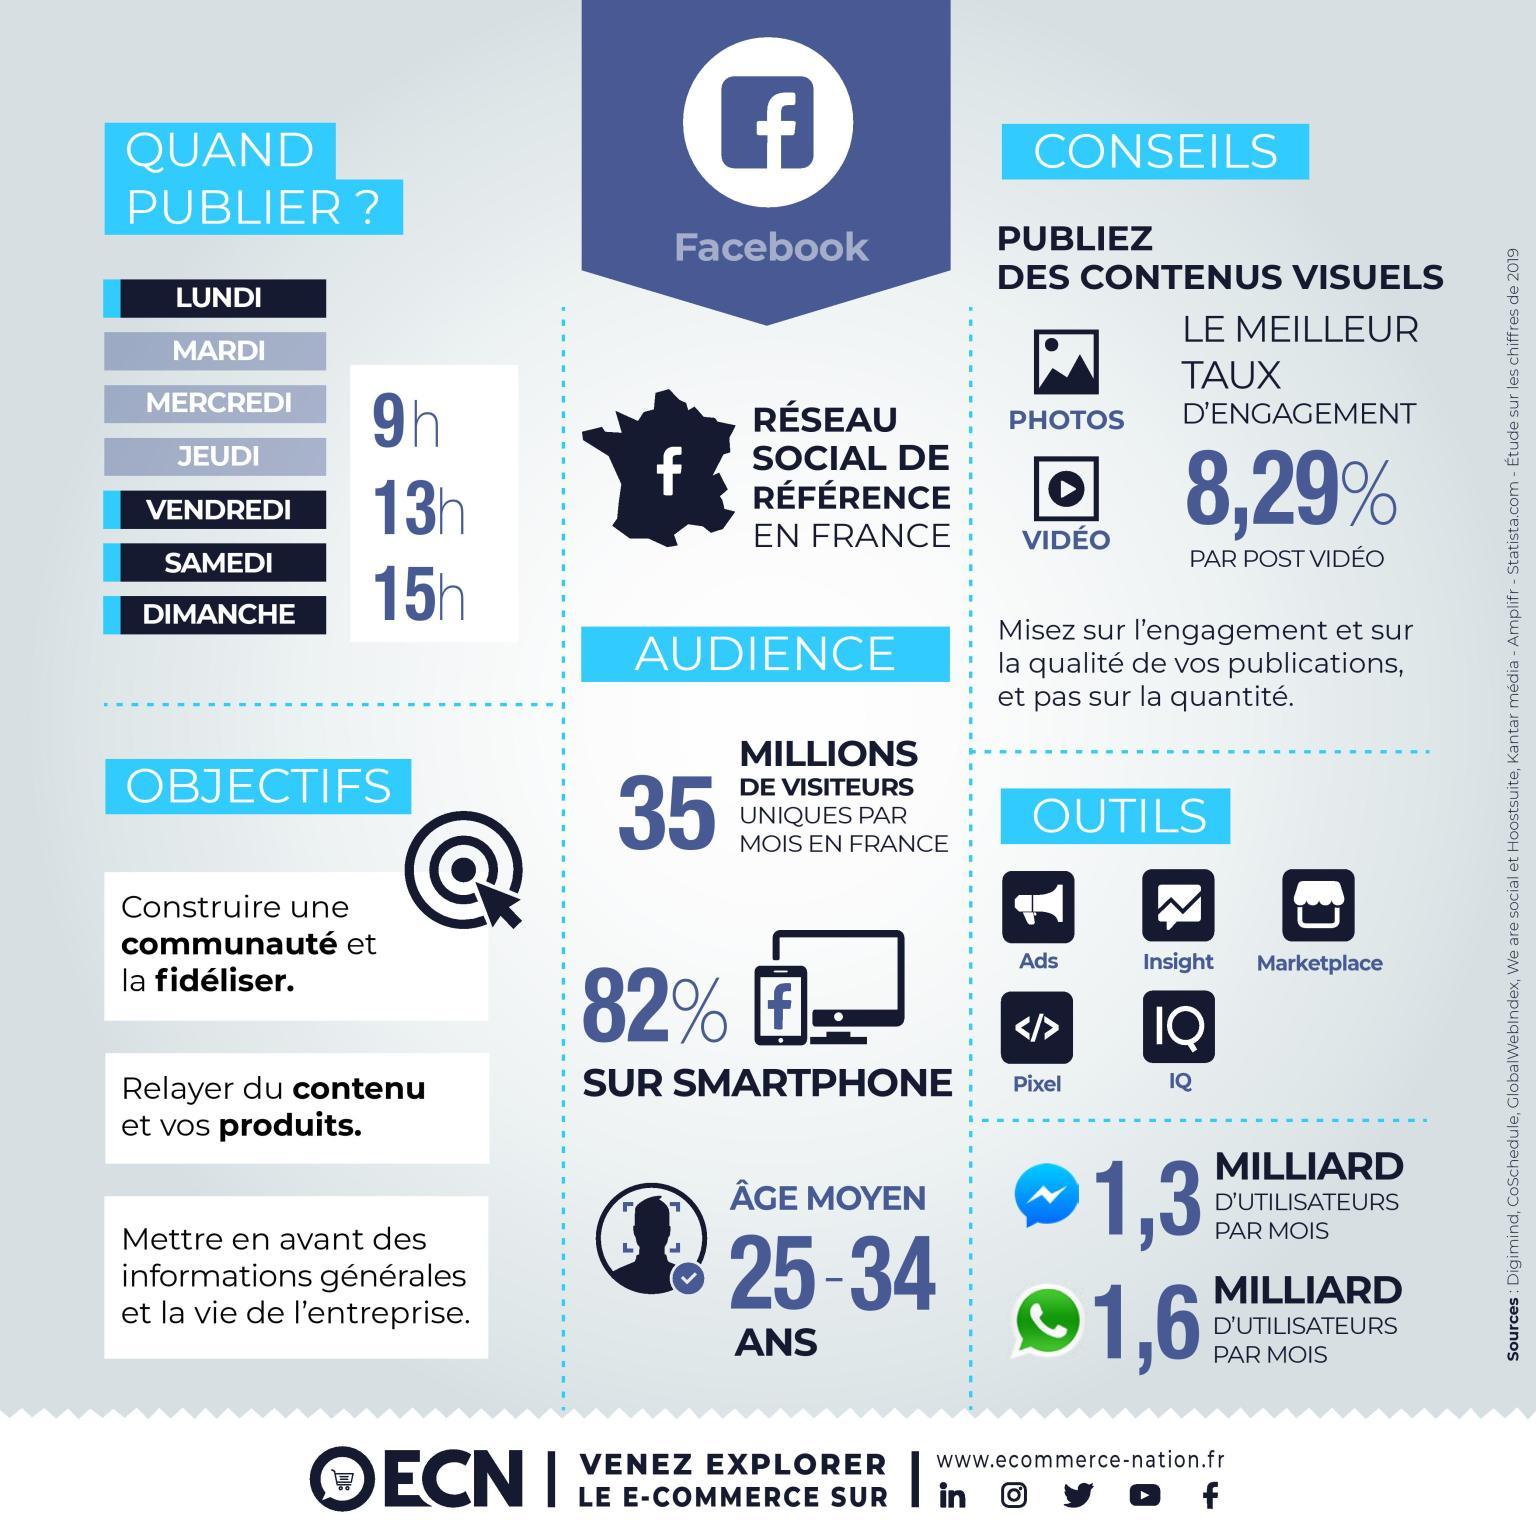 infographie 2020 expliquant le fonctionnement de Facebook